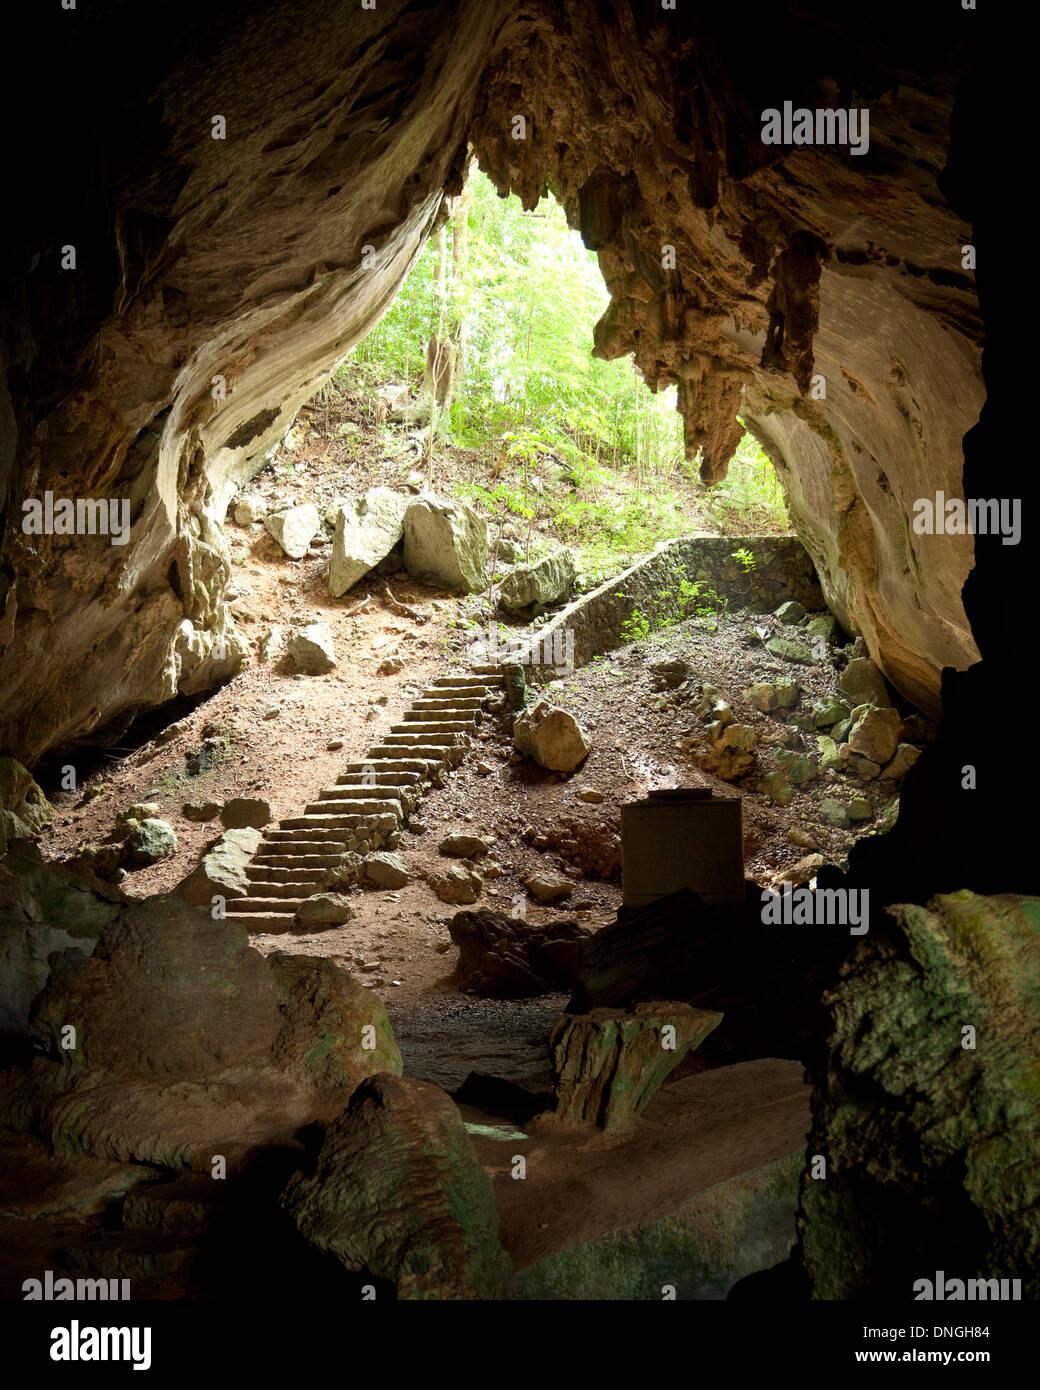 cueva de los portales in cuba stock photo royalty free image 64903668 alamy. Black Bedroom Furniture Sets. Home Design Ideas